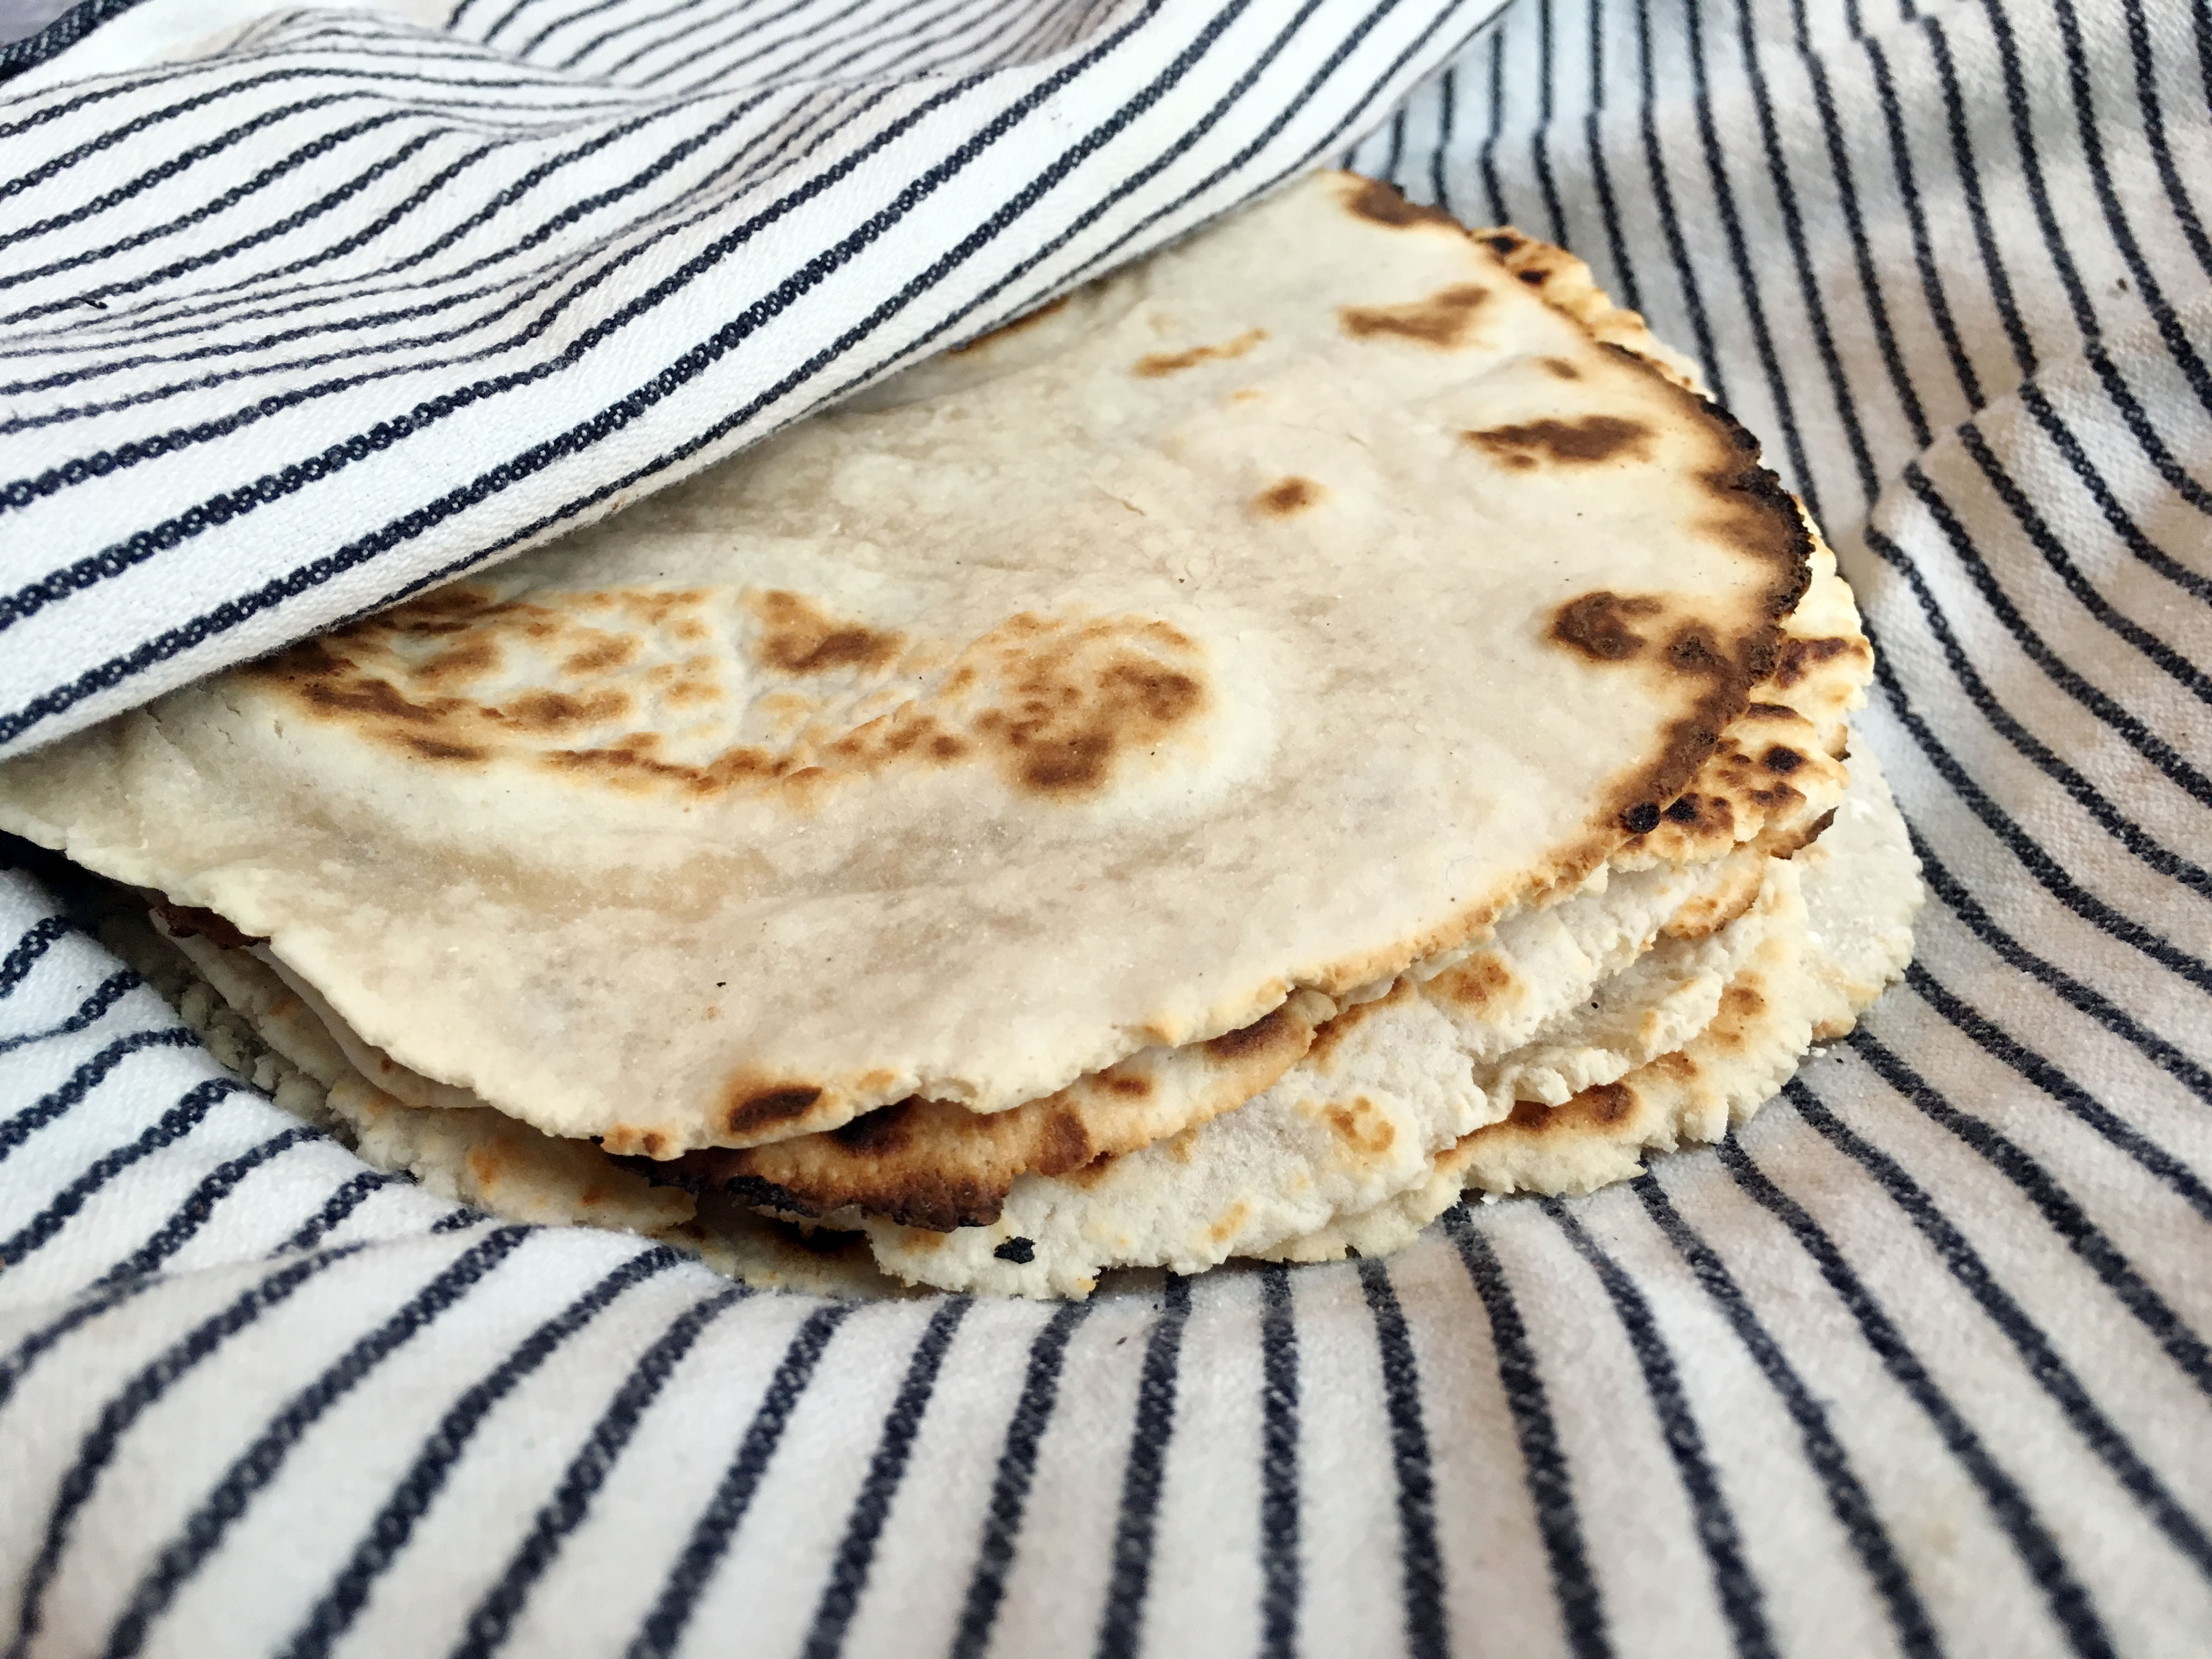 Homemade Grain Free Tortillas made from Cassava Flour